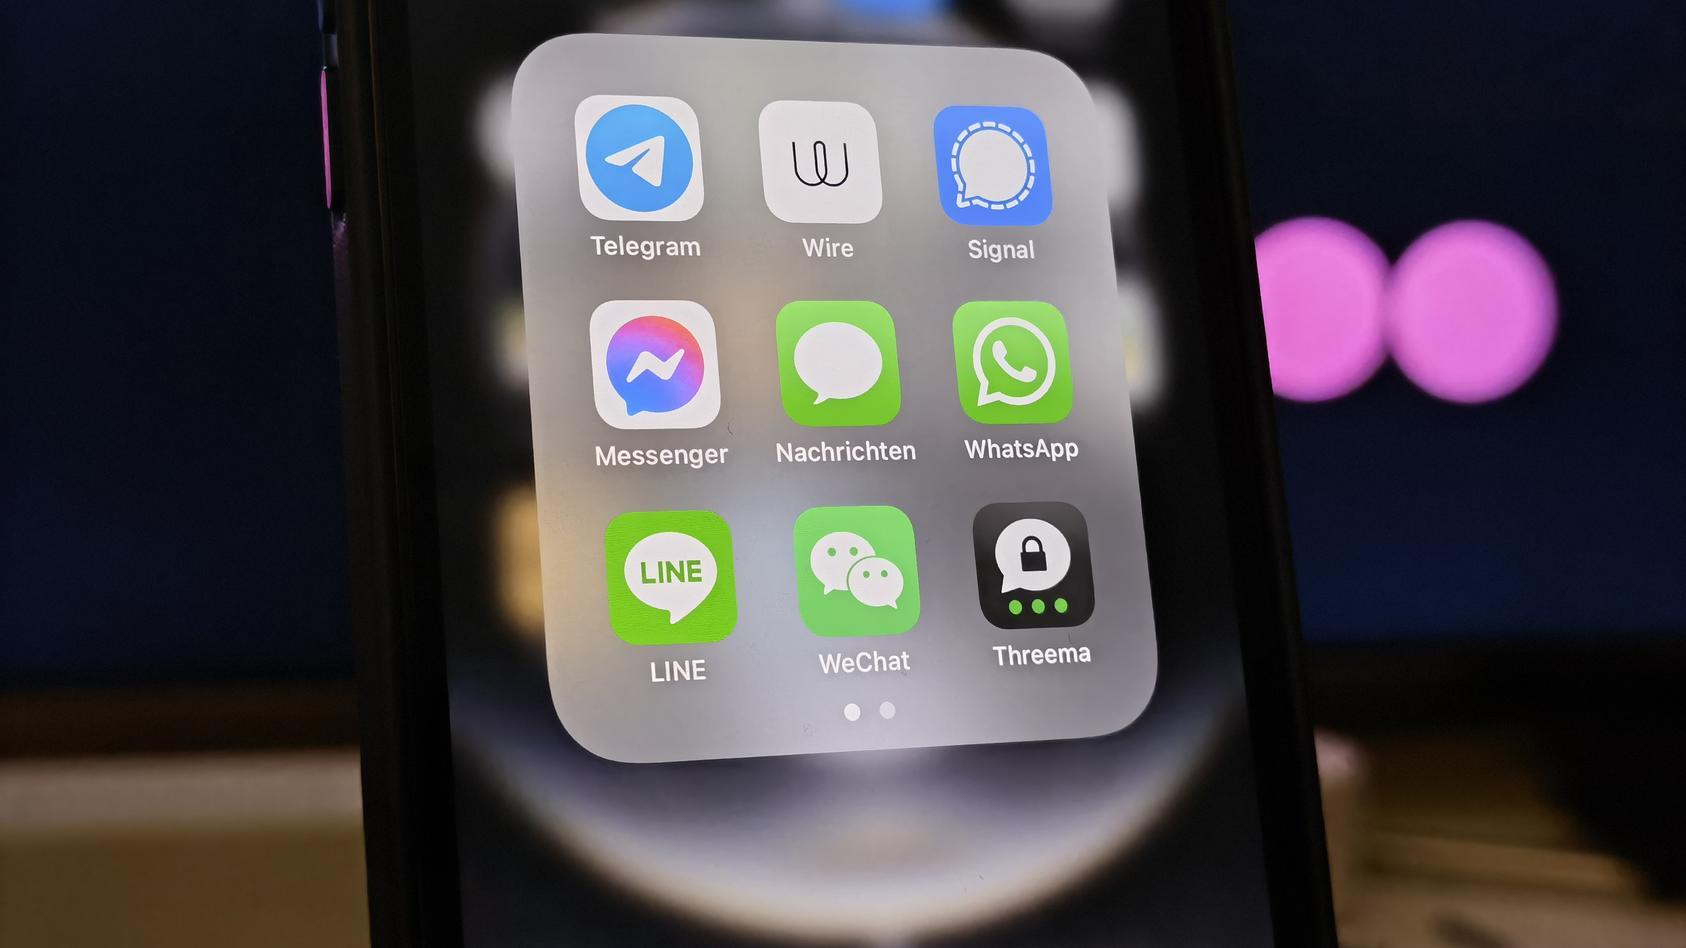 WhatsApp hat seine Datenschutzrichtlinien erneuert. Viele Nutzer suchen nun nach einer Messenger-Alternative.